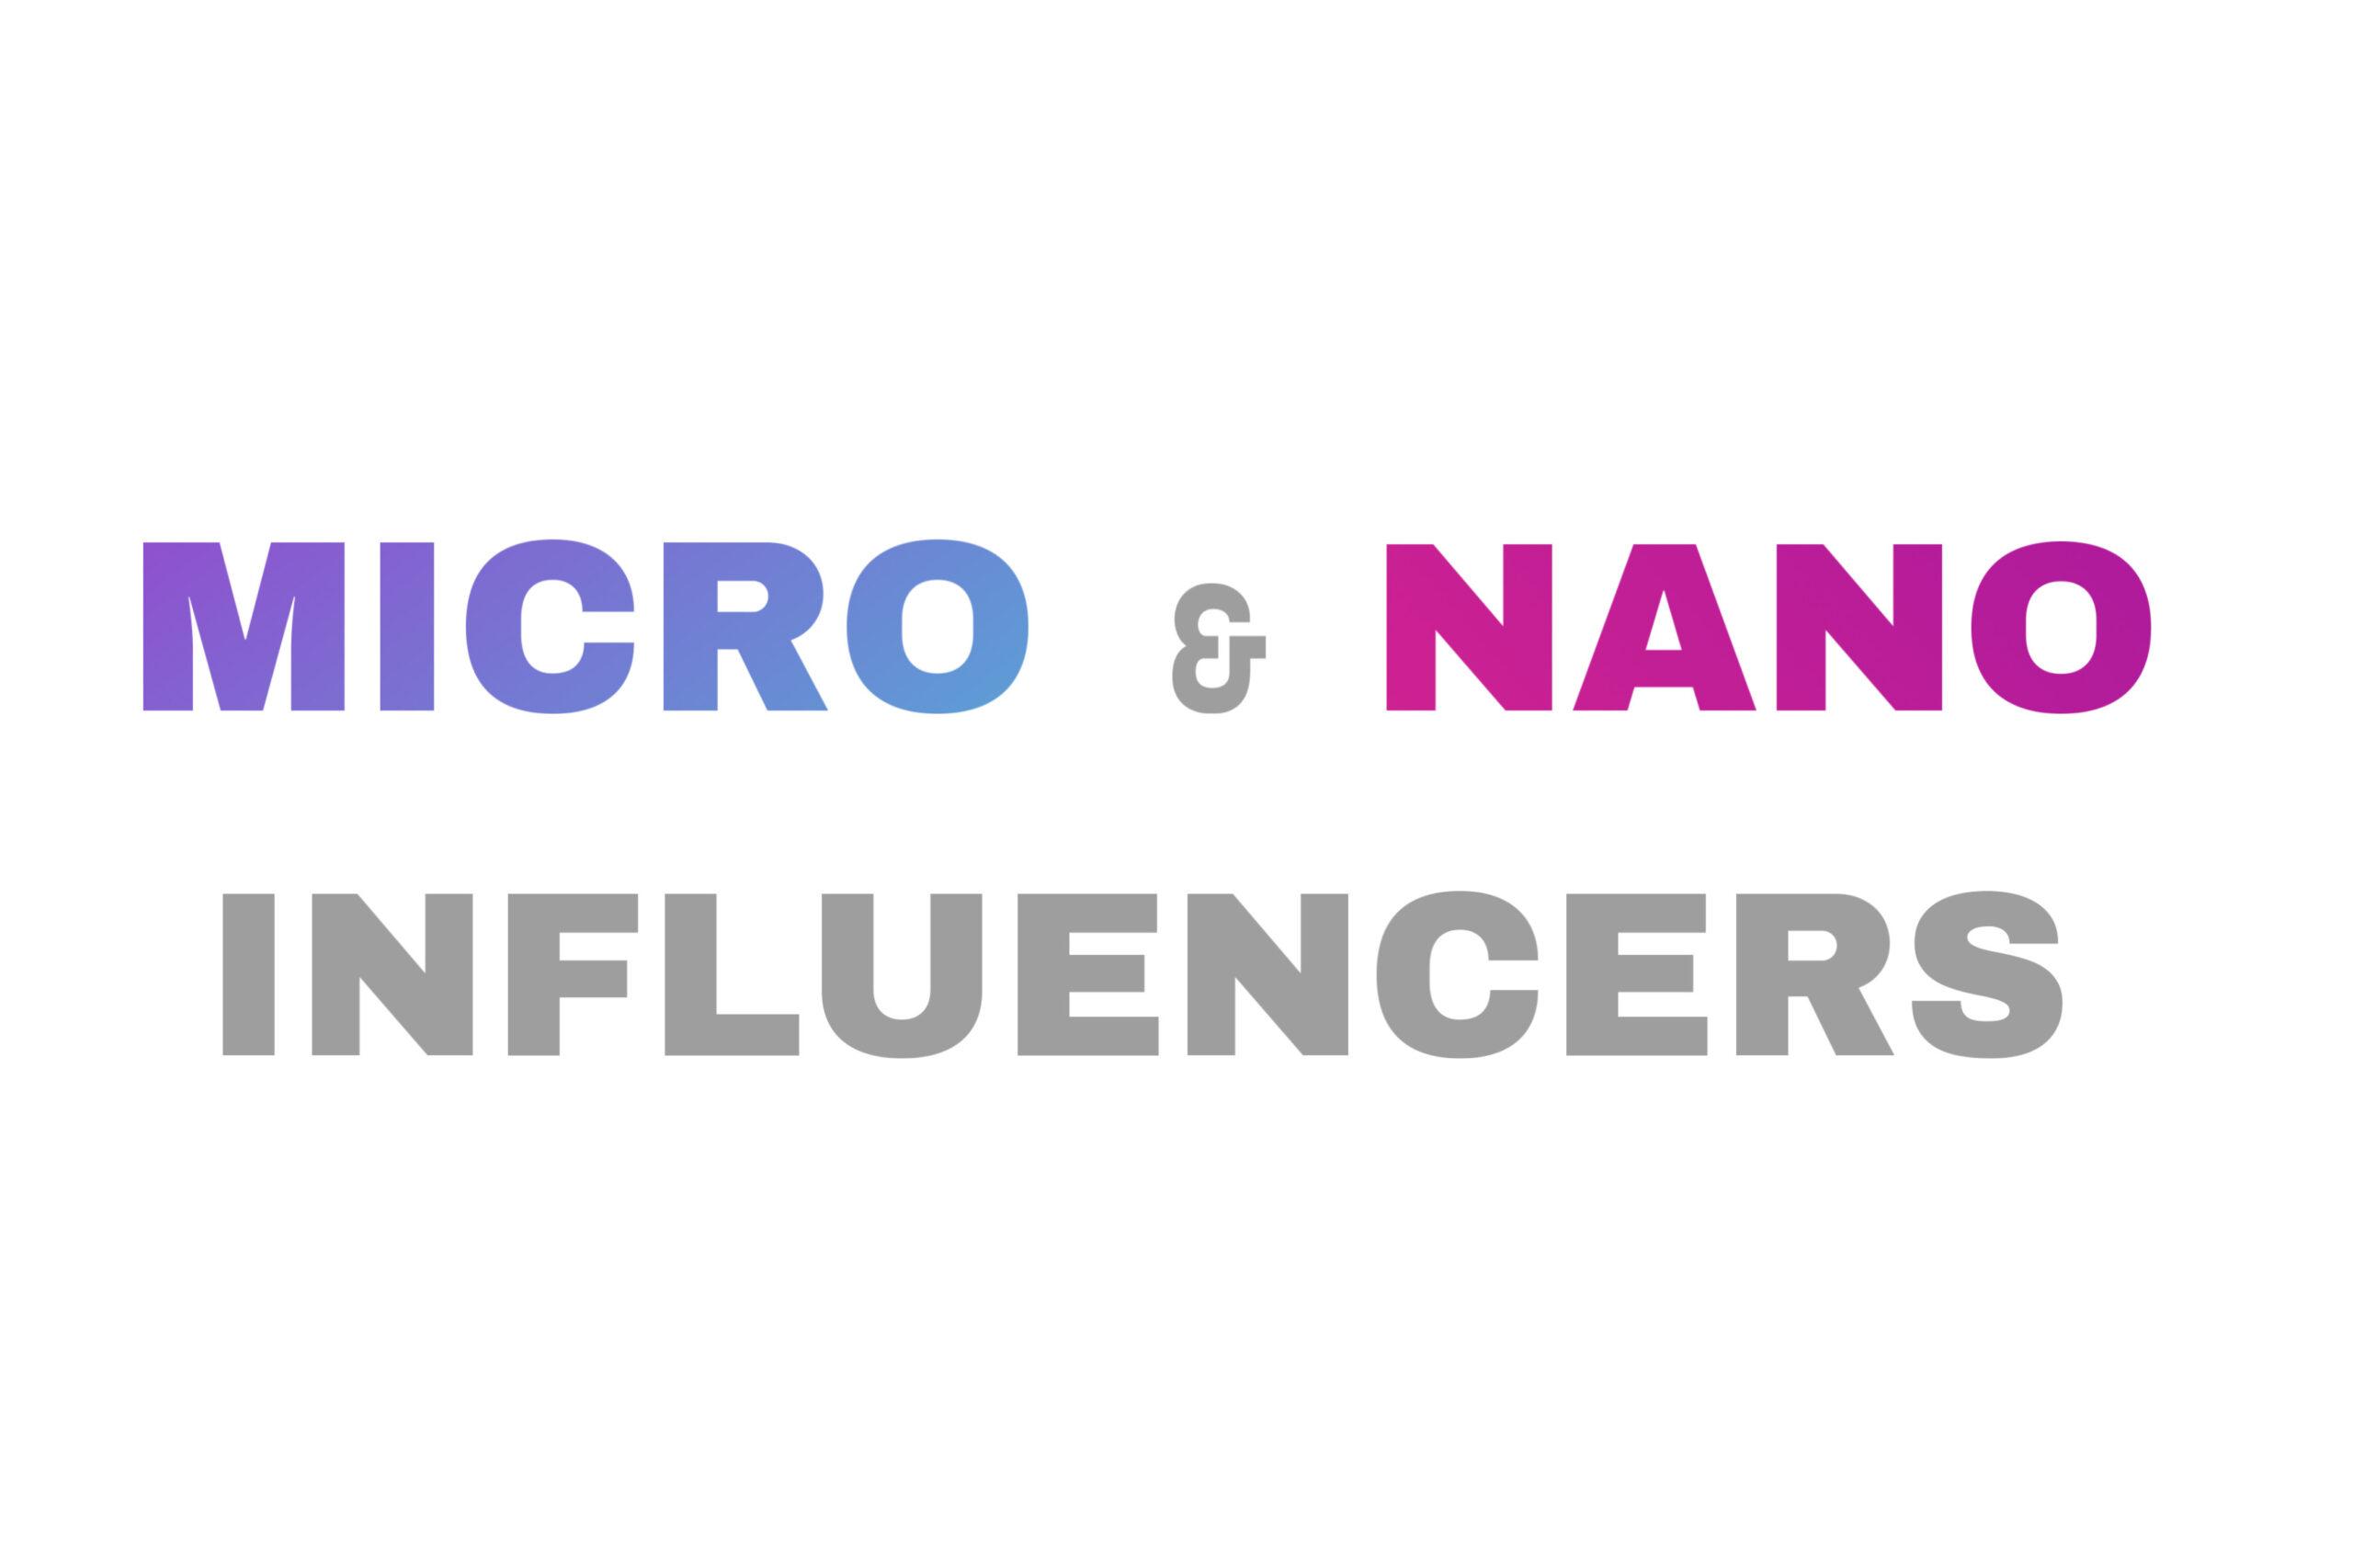 Micro & Nano Influencers https://ceastaffing.com/